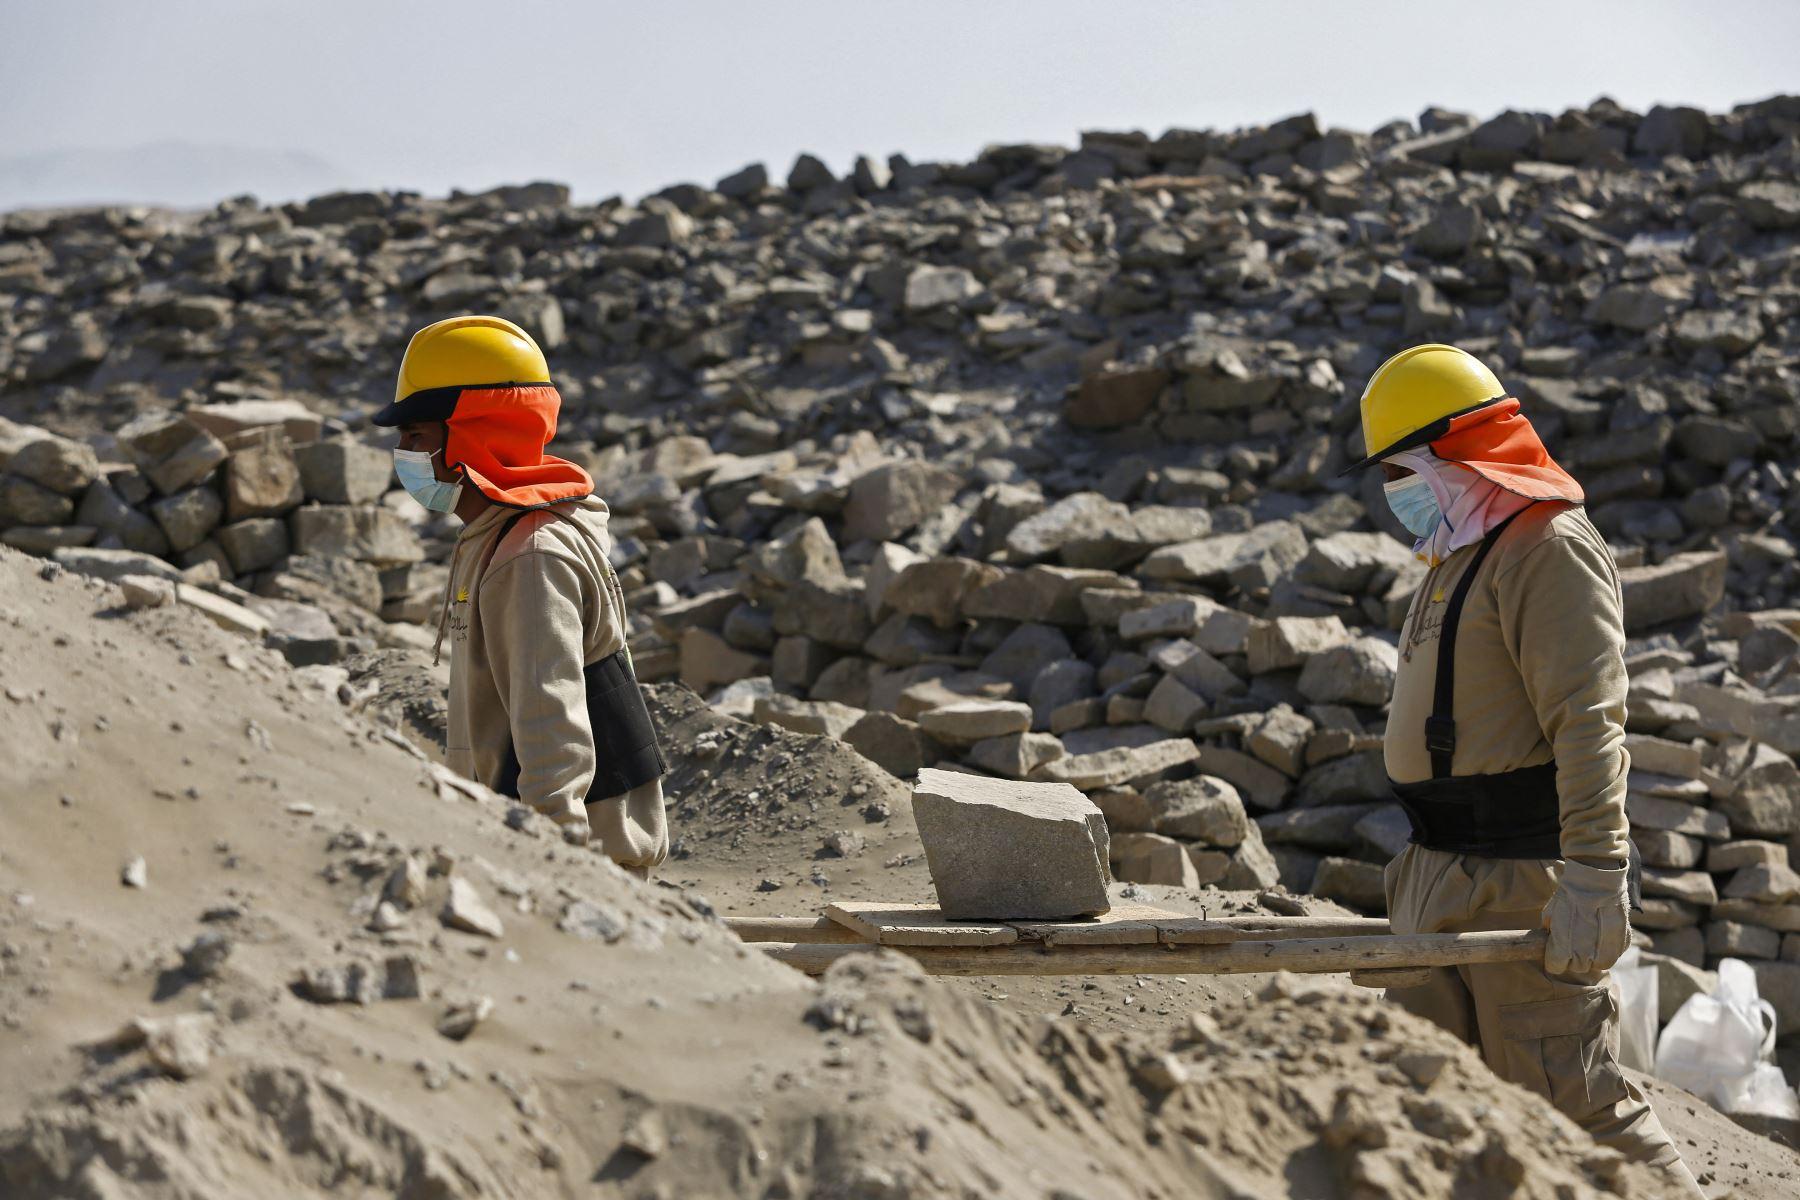 Los trabajadores transportan material durante las obras de recuperación en el Observatorio Solar Chankillo cerca de Casma, Perú. Chankillo, el observatorio solar más antiguo de América entre 500 y 200 a. C., es un complejo de piedra que incluye un templo, plaza y 13 torres alineadas de norte a sur a lo largo de la cima de una colina.  Foto: AFP